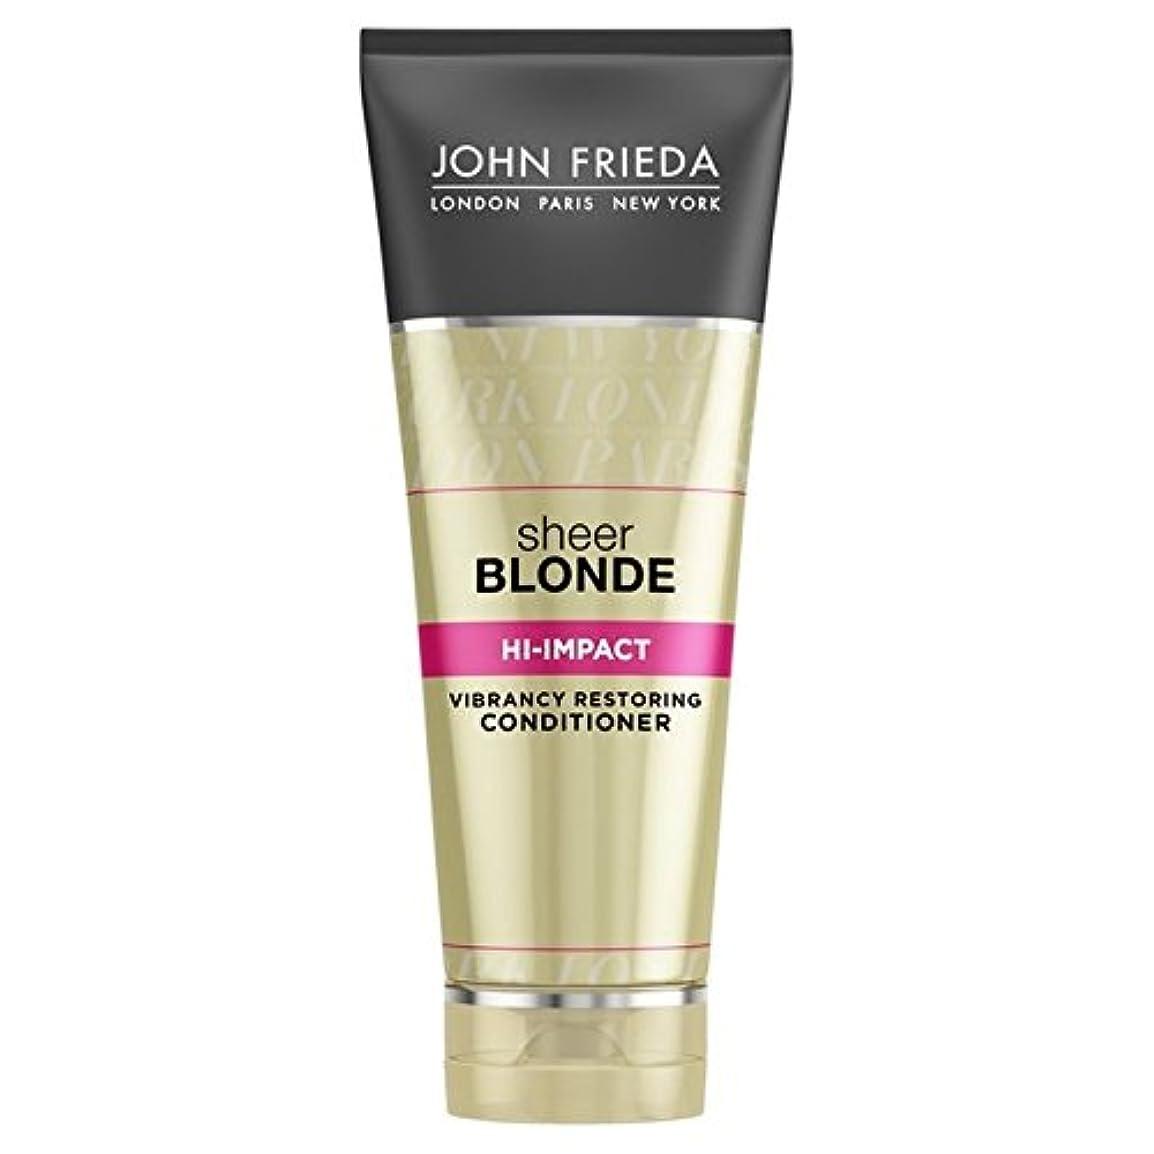 後世大西洋連隊ジョン?フリーダ膨大なブロンドハイインパクトコンディショナー250 x2 - John Frieda Sheer Blonde Hi Impact Conditioner 250ml (Pack of 2) [並行輸入品]